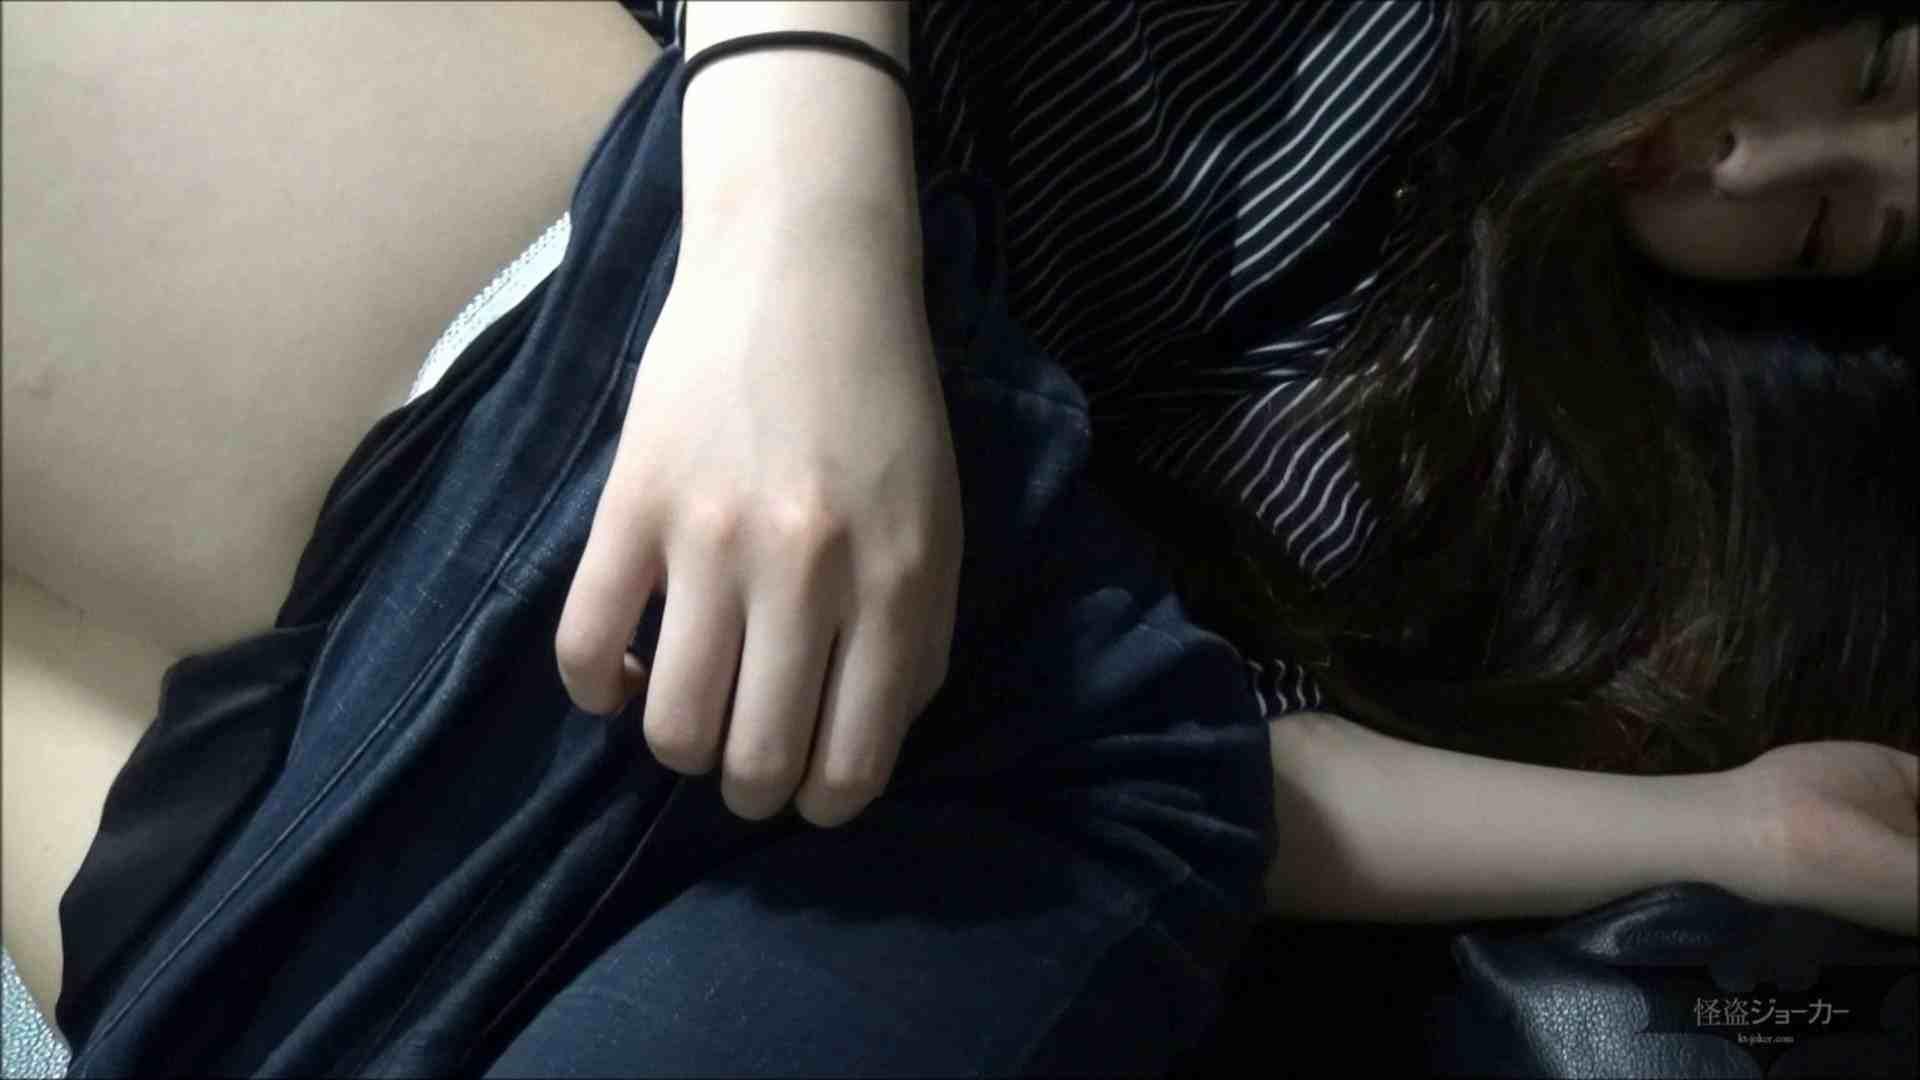 【未公開】vol.89 {黒髪女子18歳}押しに弱いYURIちゃん。 女子大生   イタズラ特集  66PIX 7